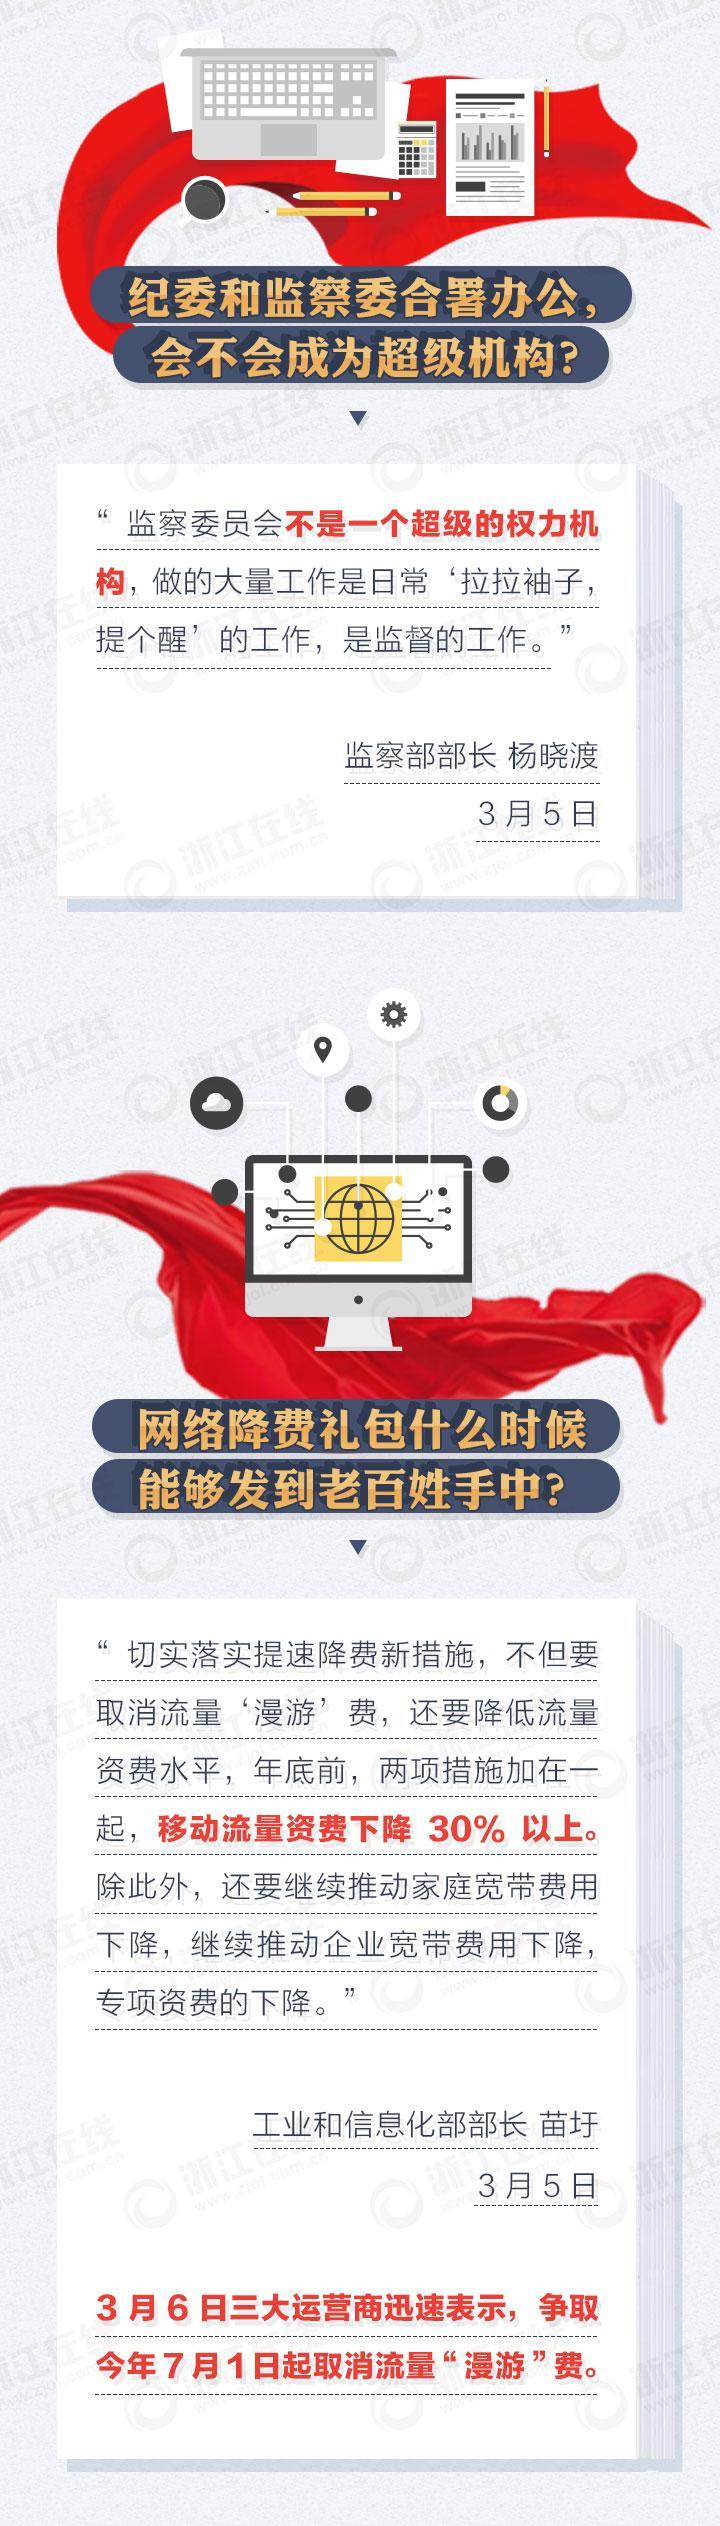 部长通道问部长-zaixian_03.jpg